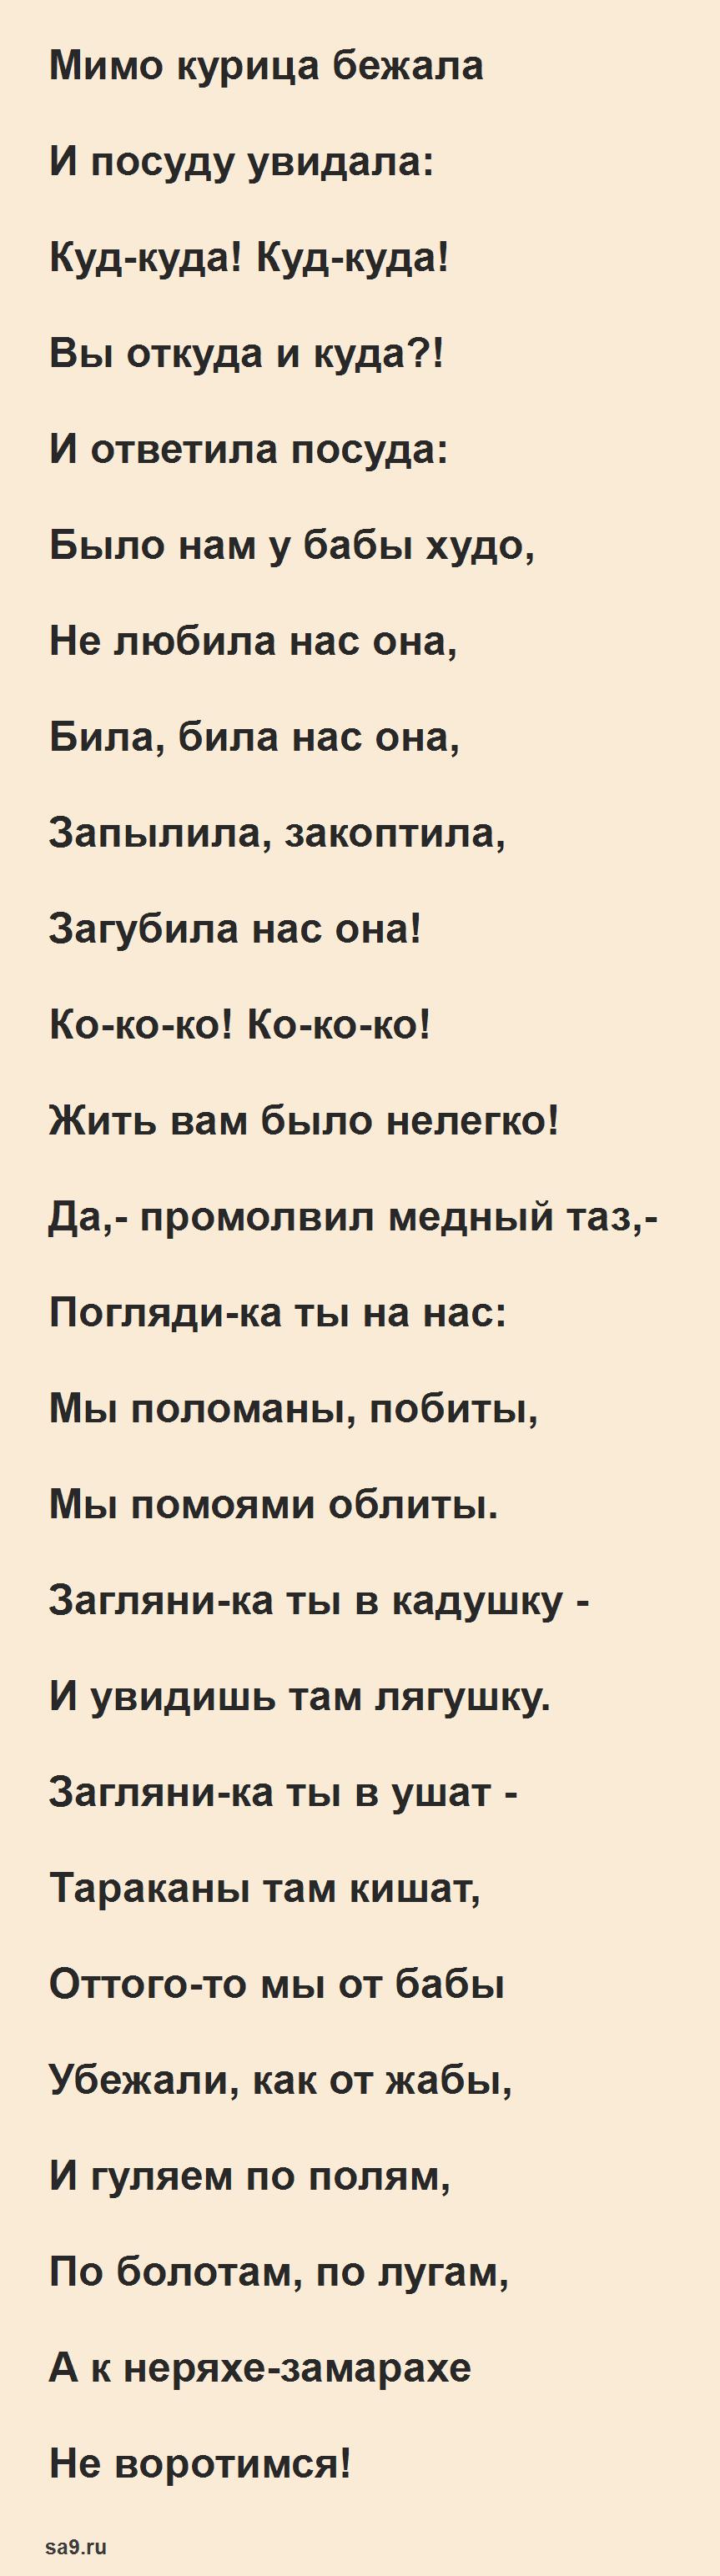 Сказка Чуковского 'Федорино горе', полностью